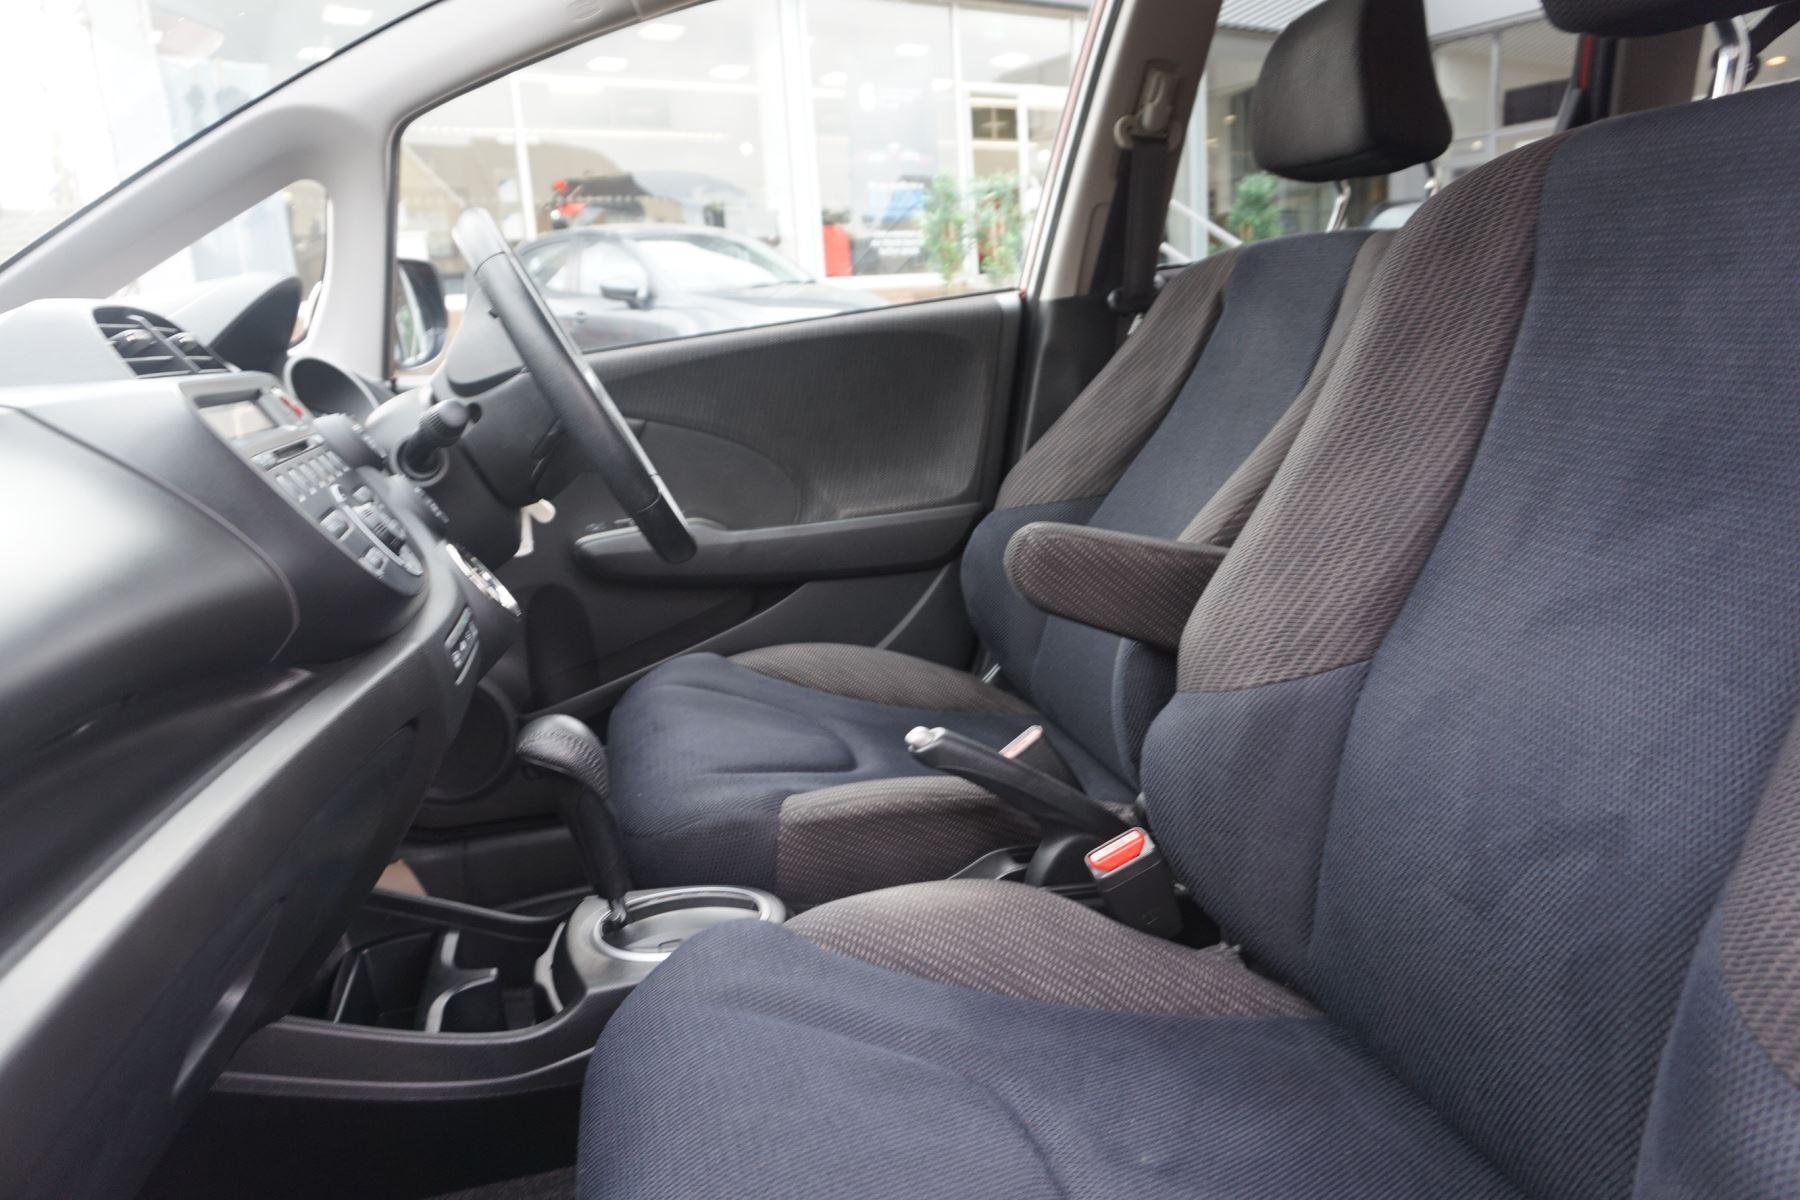 Honda Jazz 1.4 i-VTEC ES Plus CVT image 8